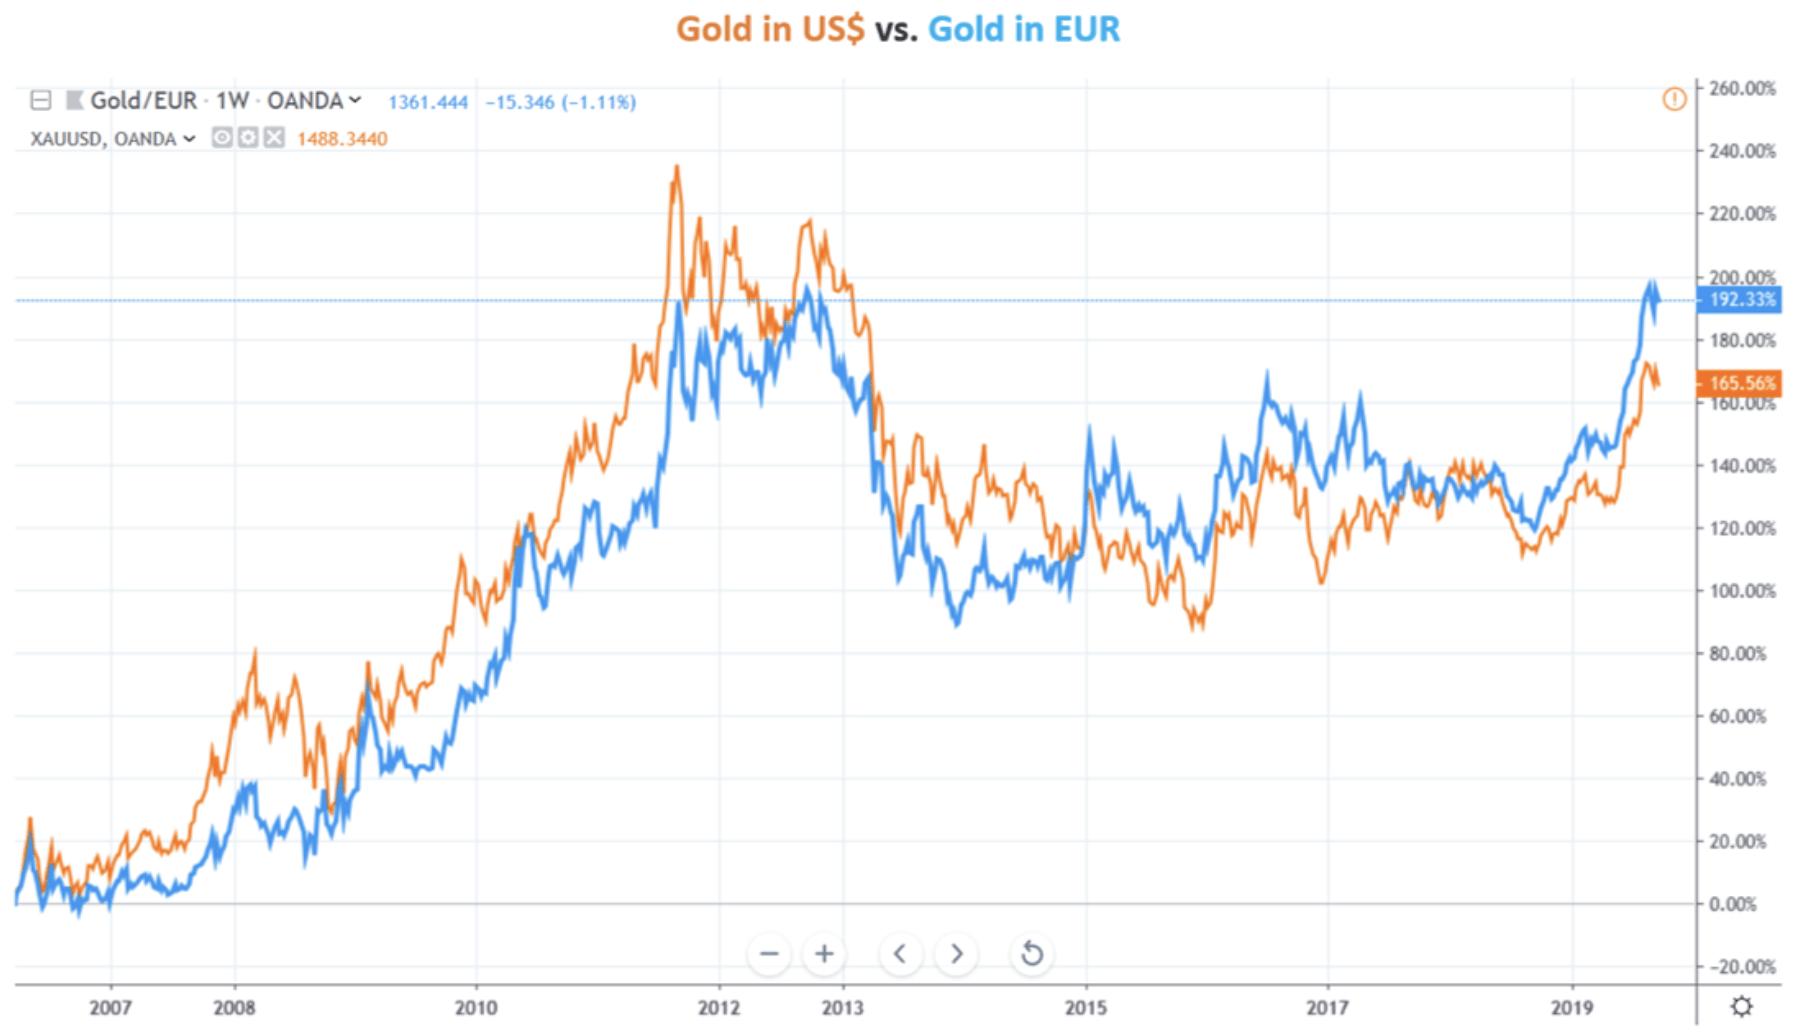 Goldpreis in USD vs Goldpreis in Euro